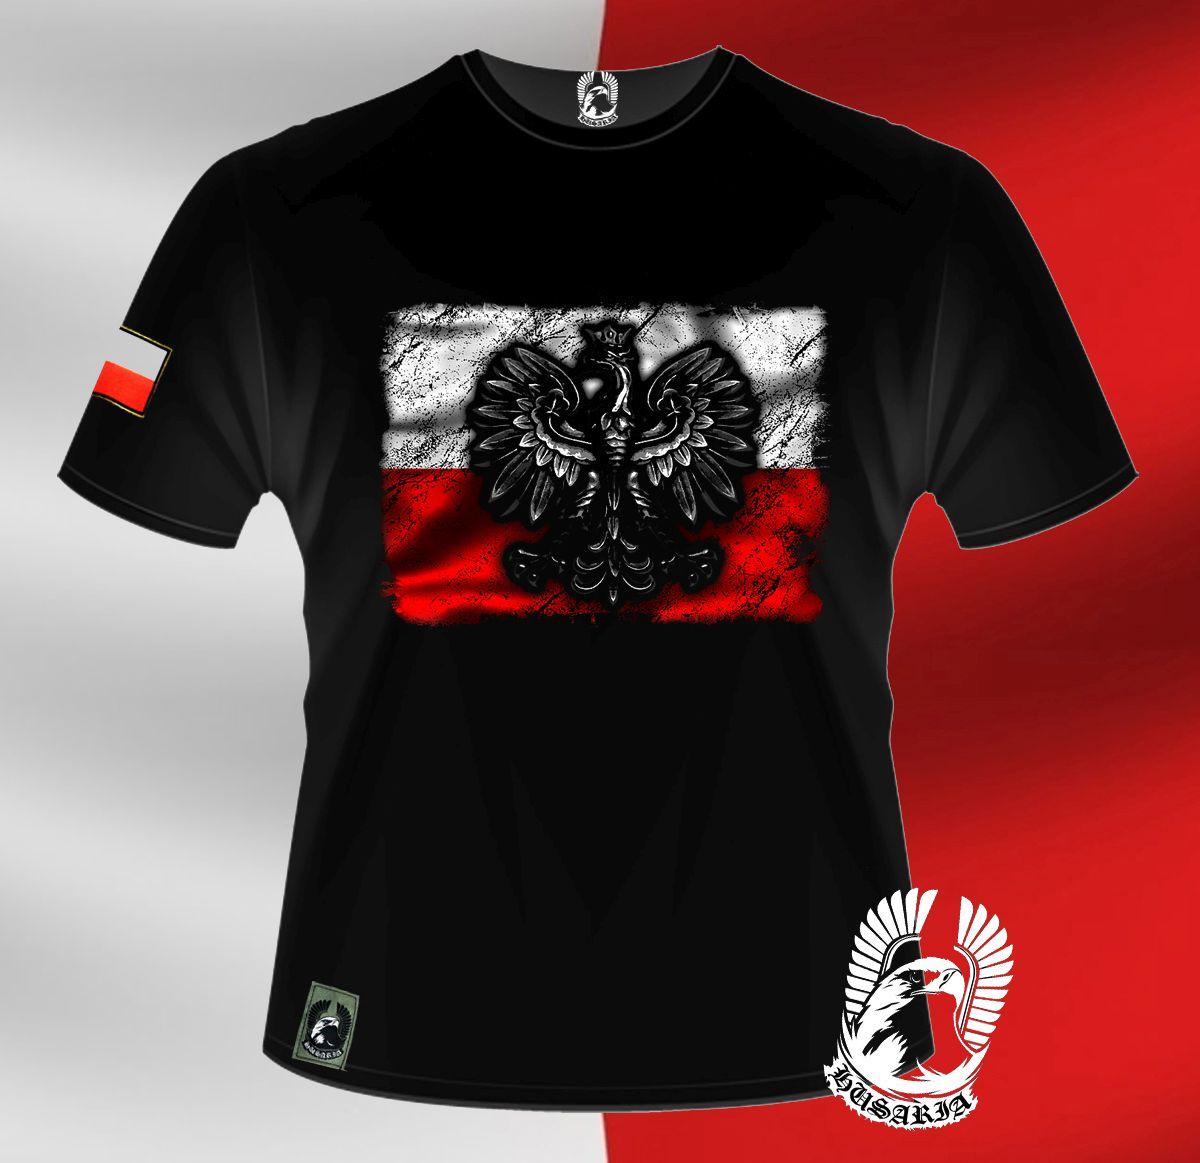 897b3557b Koszulka patriotyczna - flaga Polski z godłem - Husaria |Sklep ...